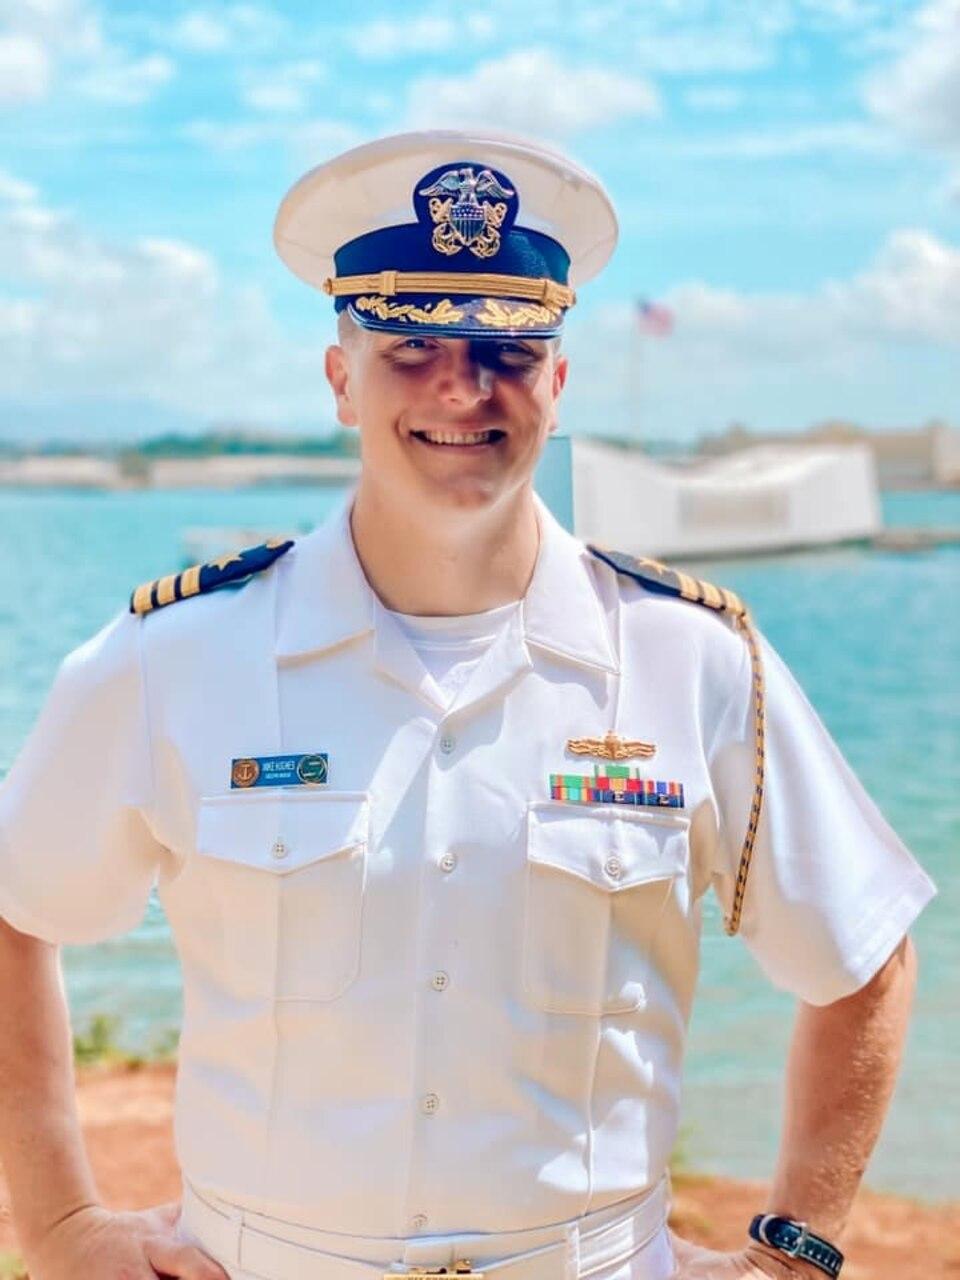 Commander Michael Hughes